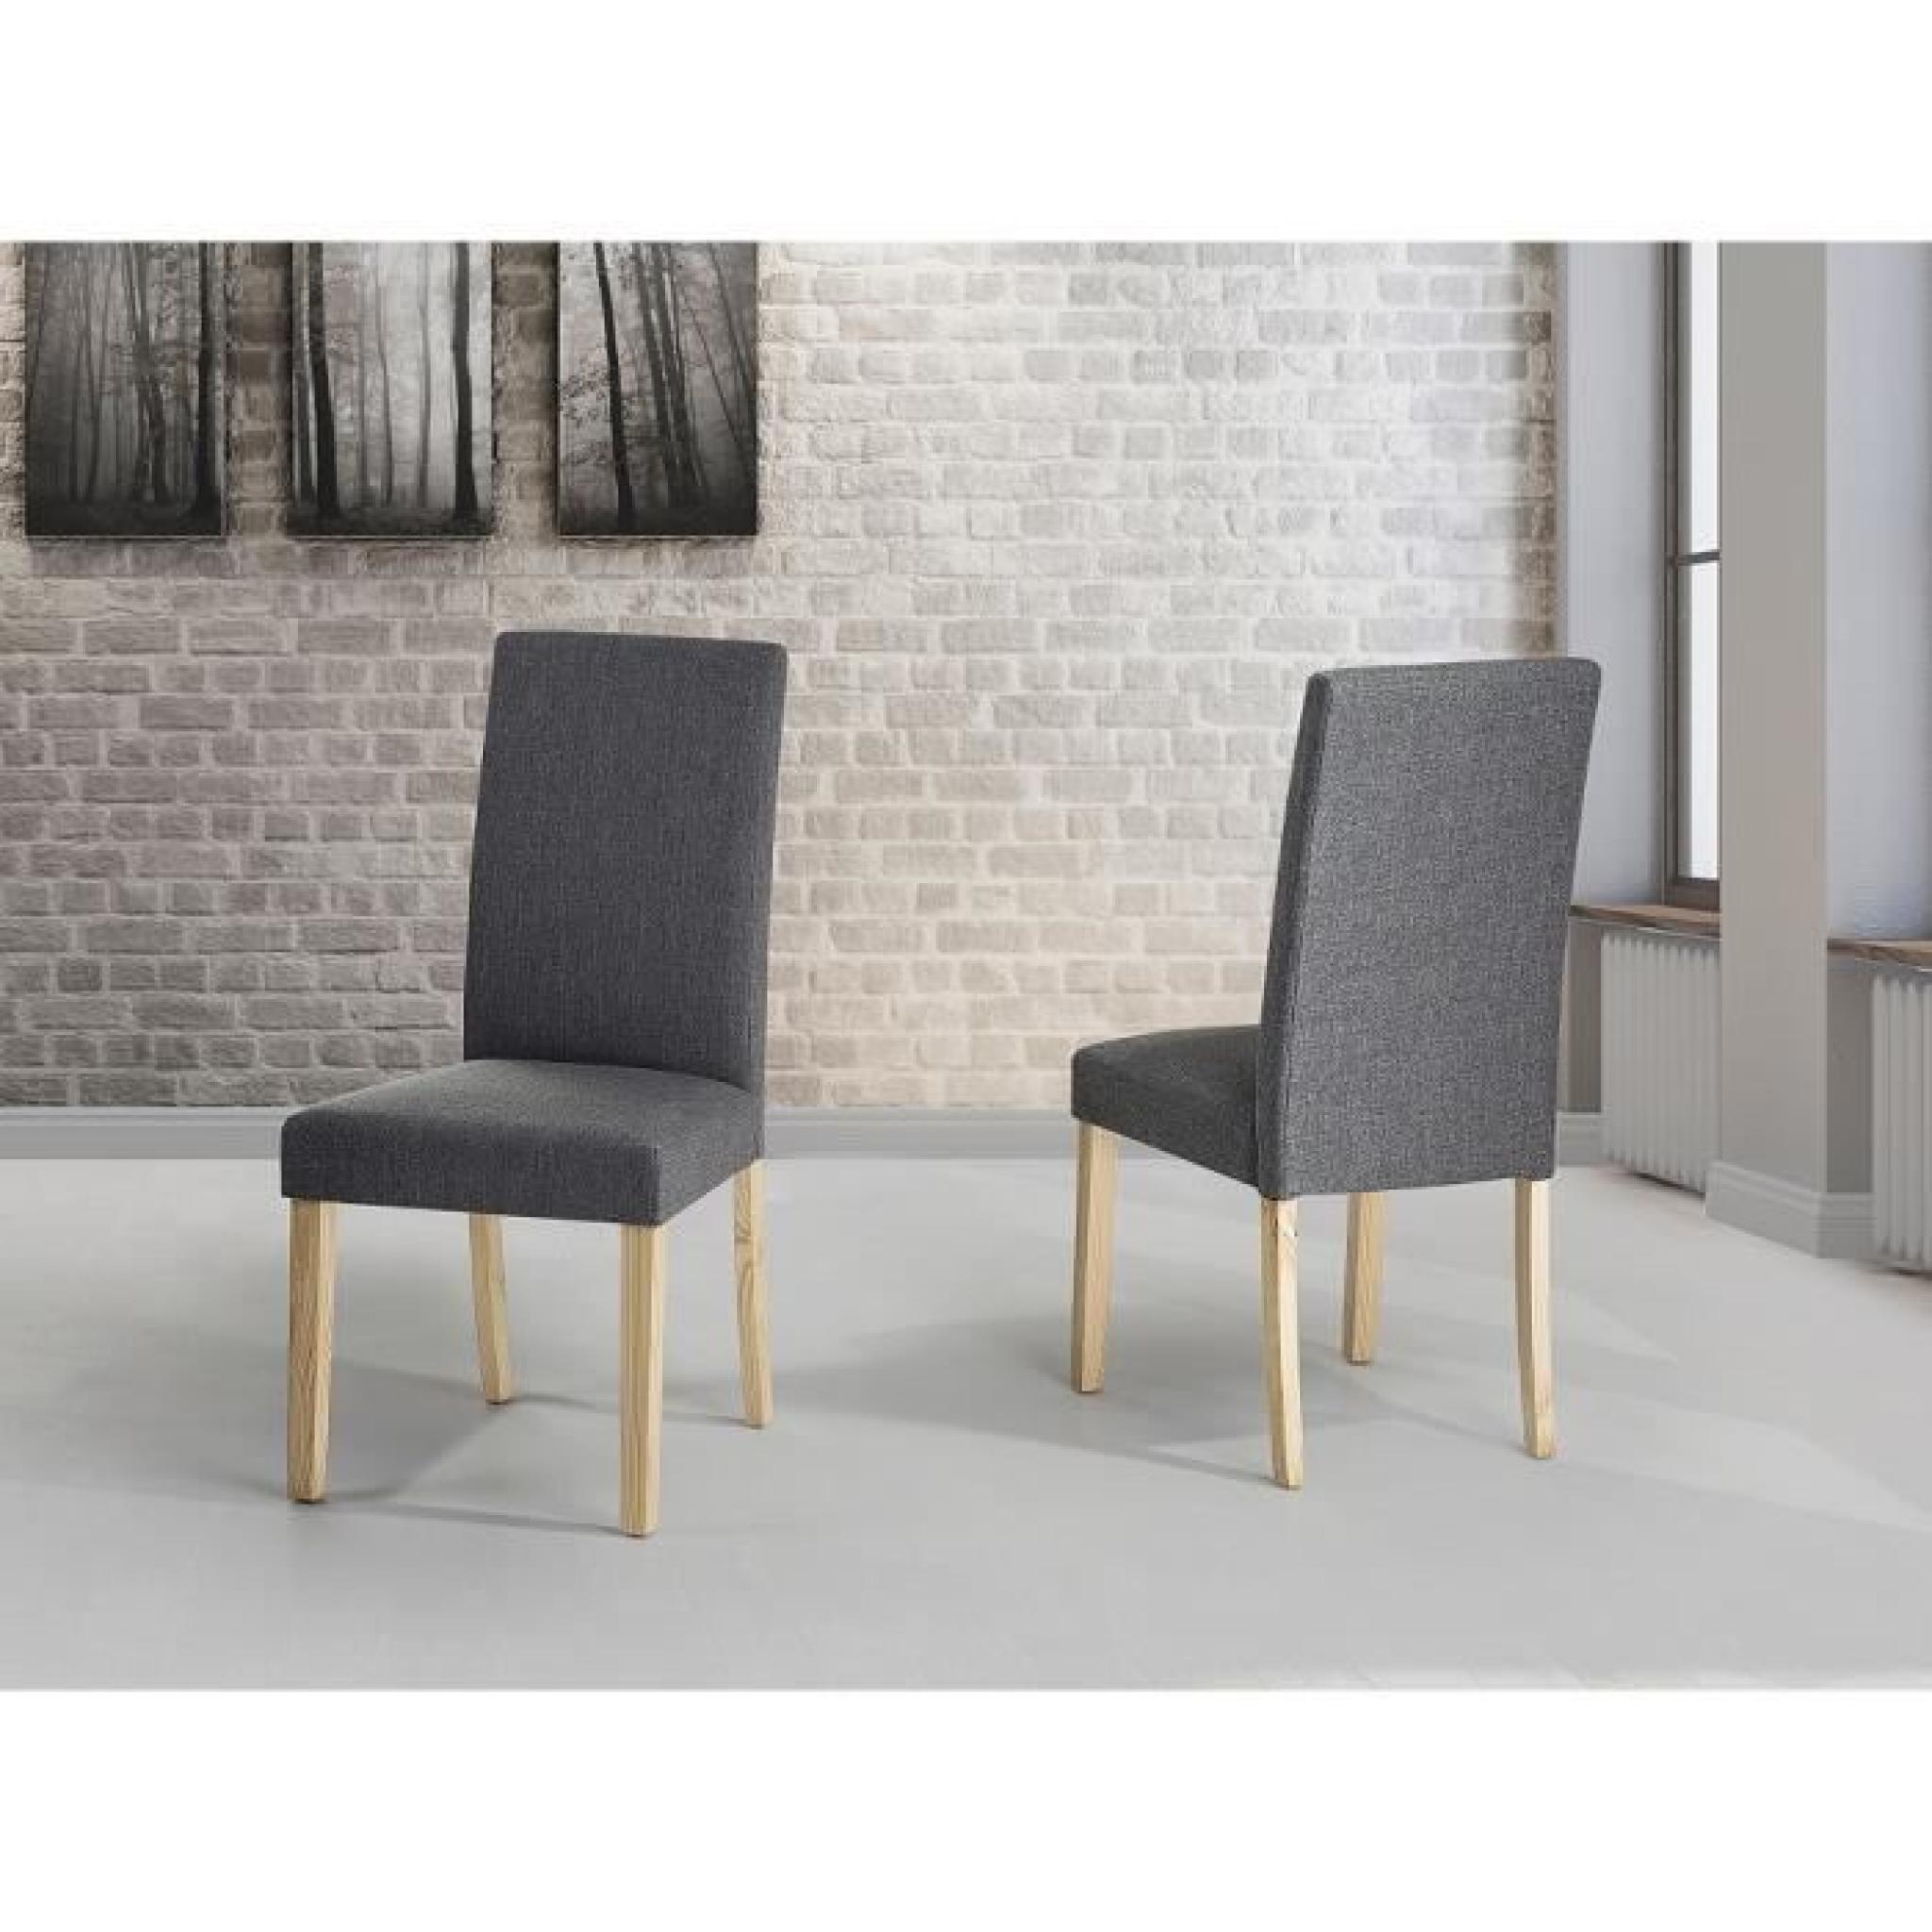 Chaises de salle manger lot de 2 chaises en tissu for Lot de 8 chaises salle a manger